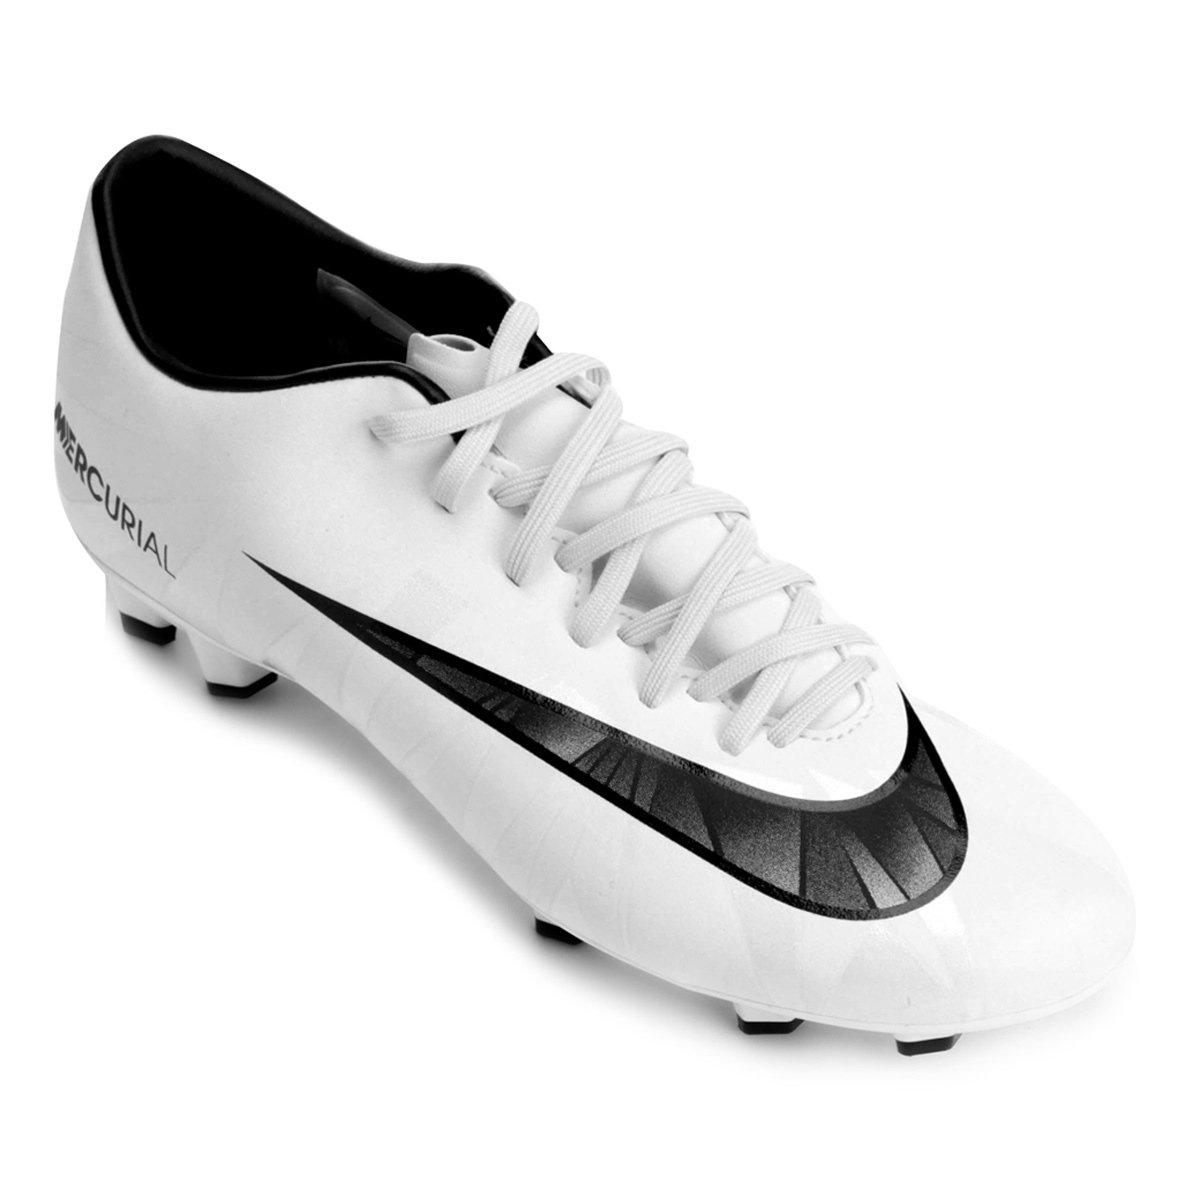 066b876c0dbbf Chuteira Campo Nike Mercurial Victory 6 CR7 | Netshoes